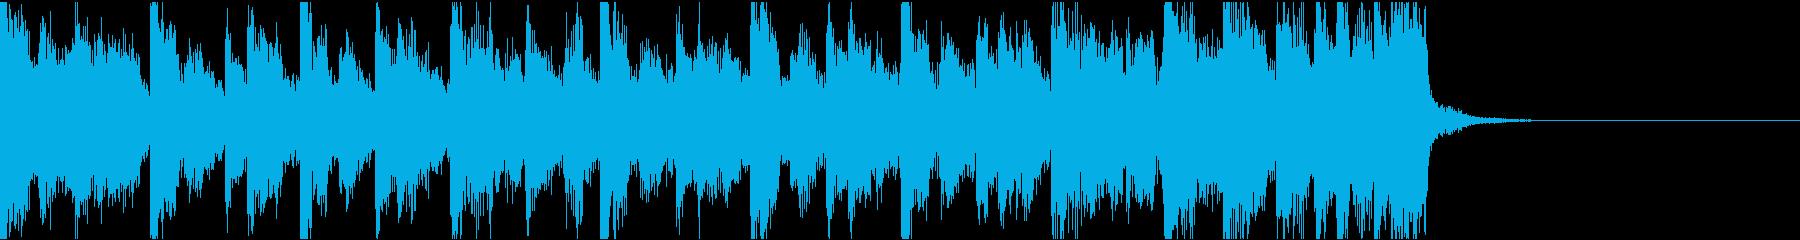 不安定、電子音ダーク/ジングルの再生済みの波形